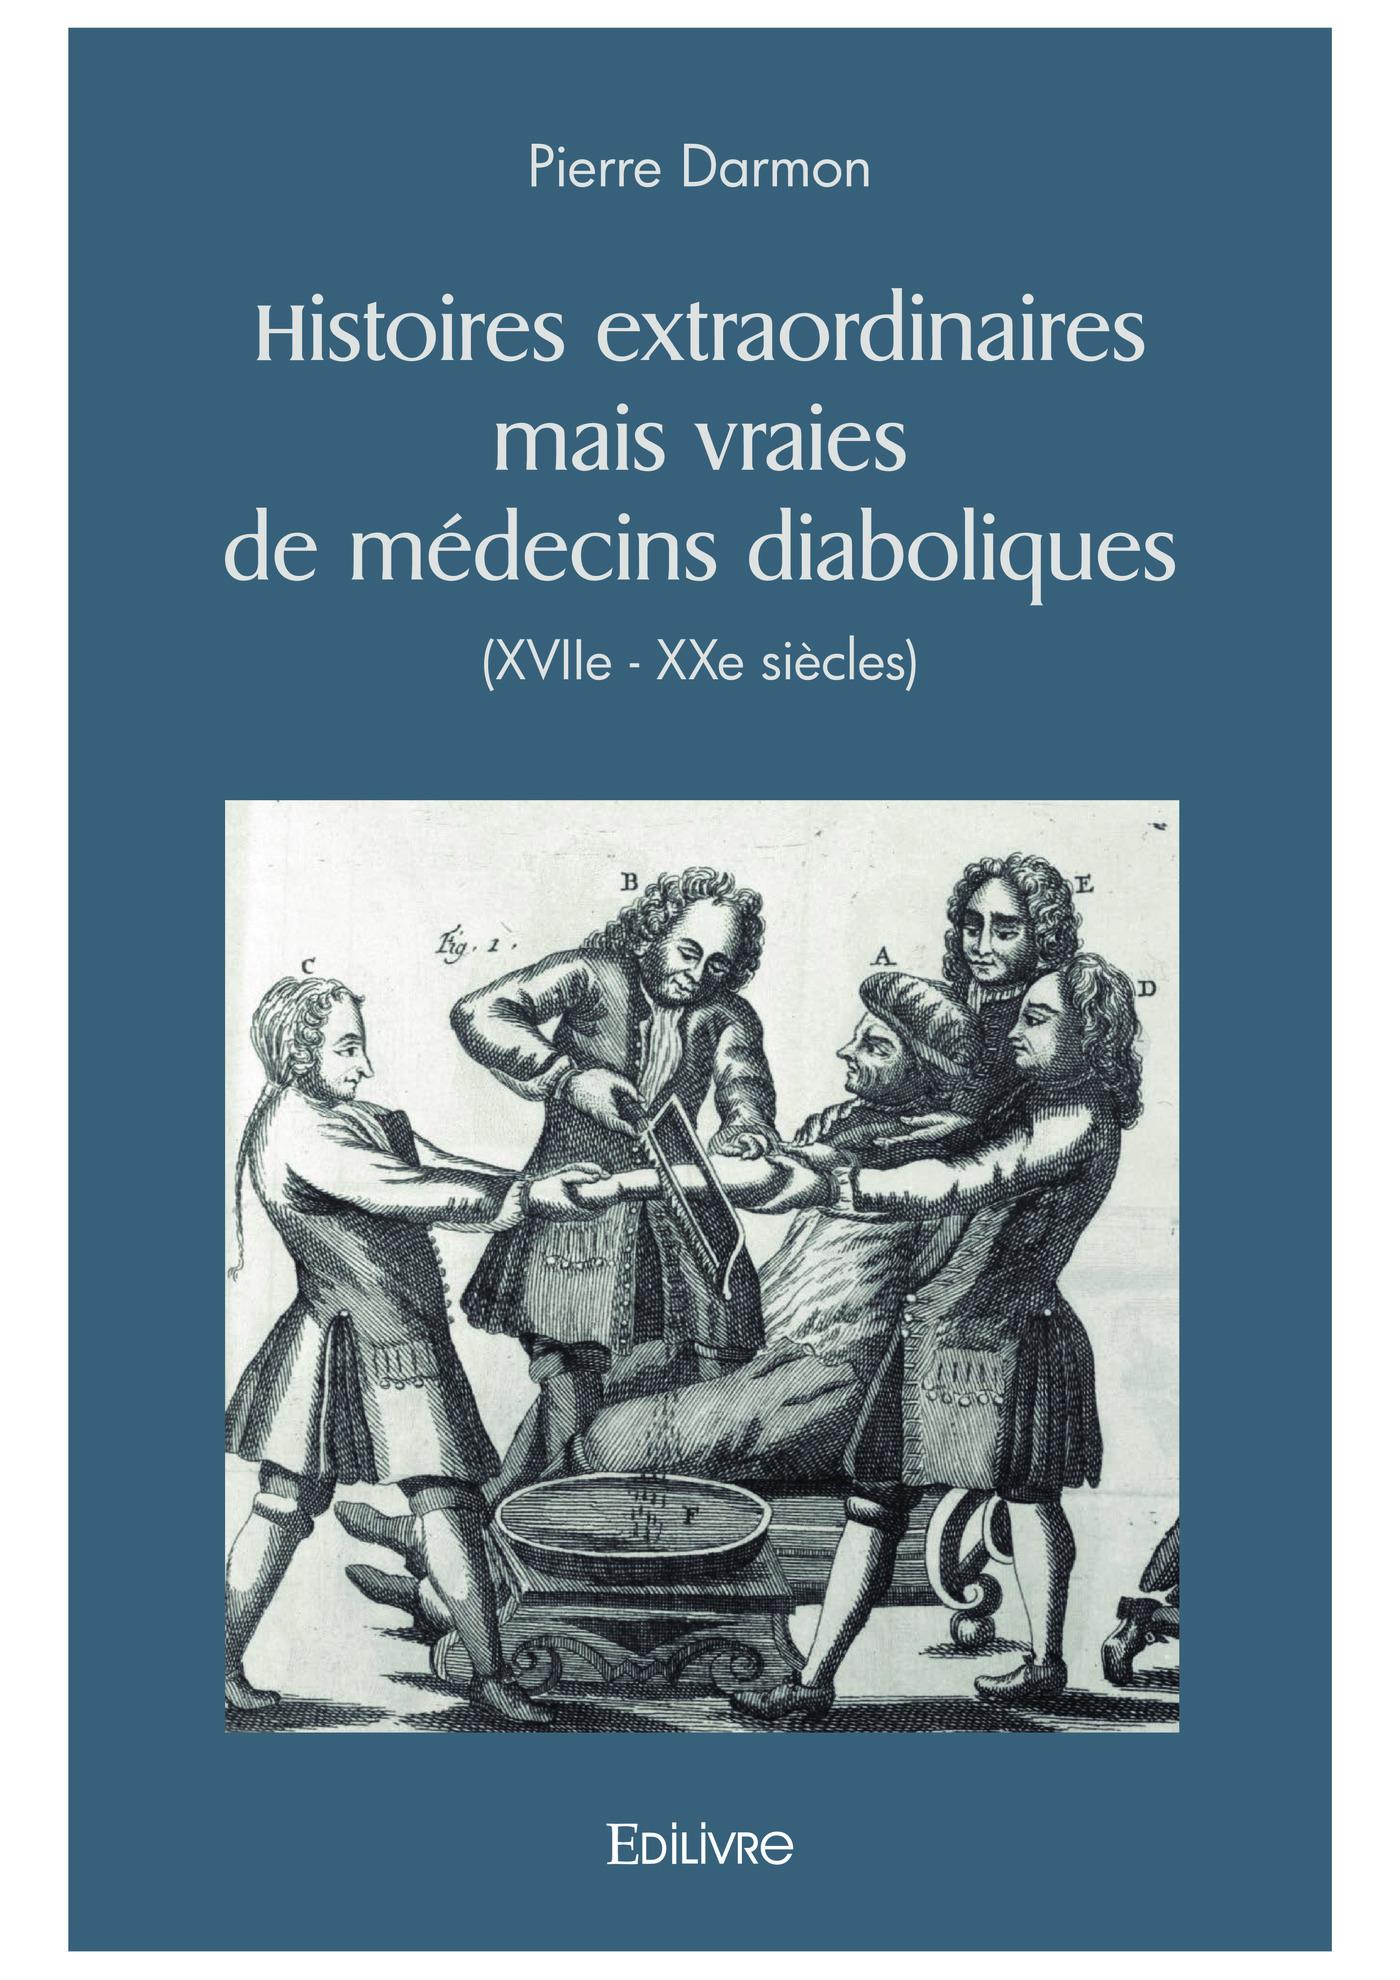 Histoires extraordinaires mais vraies de médecins diaboliques (XVIIe - XXe siècles)